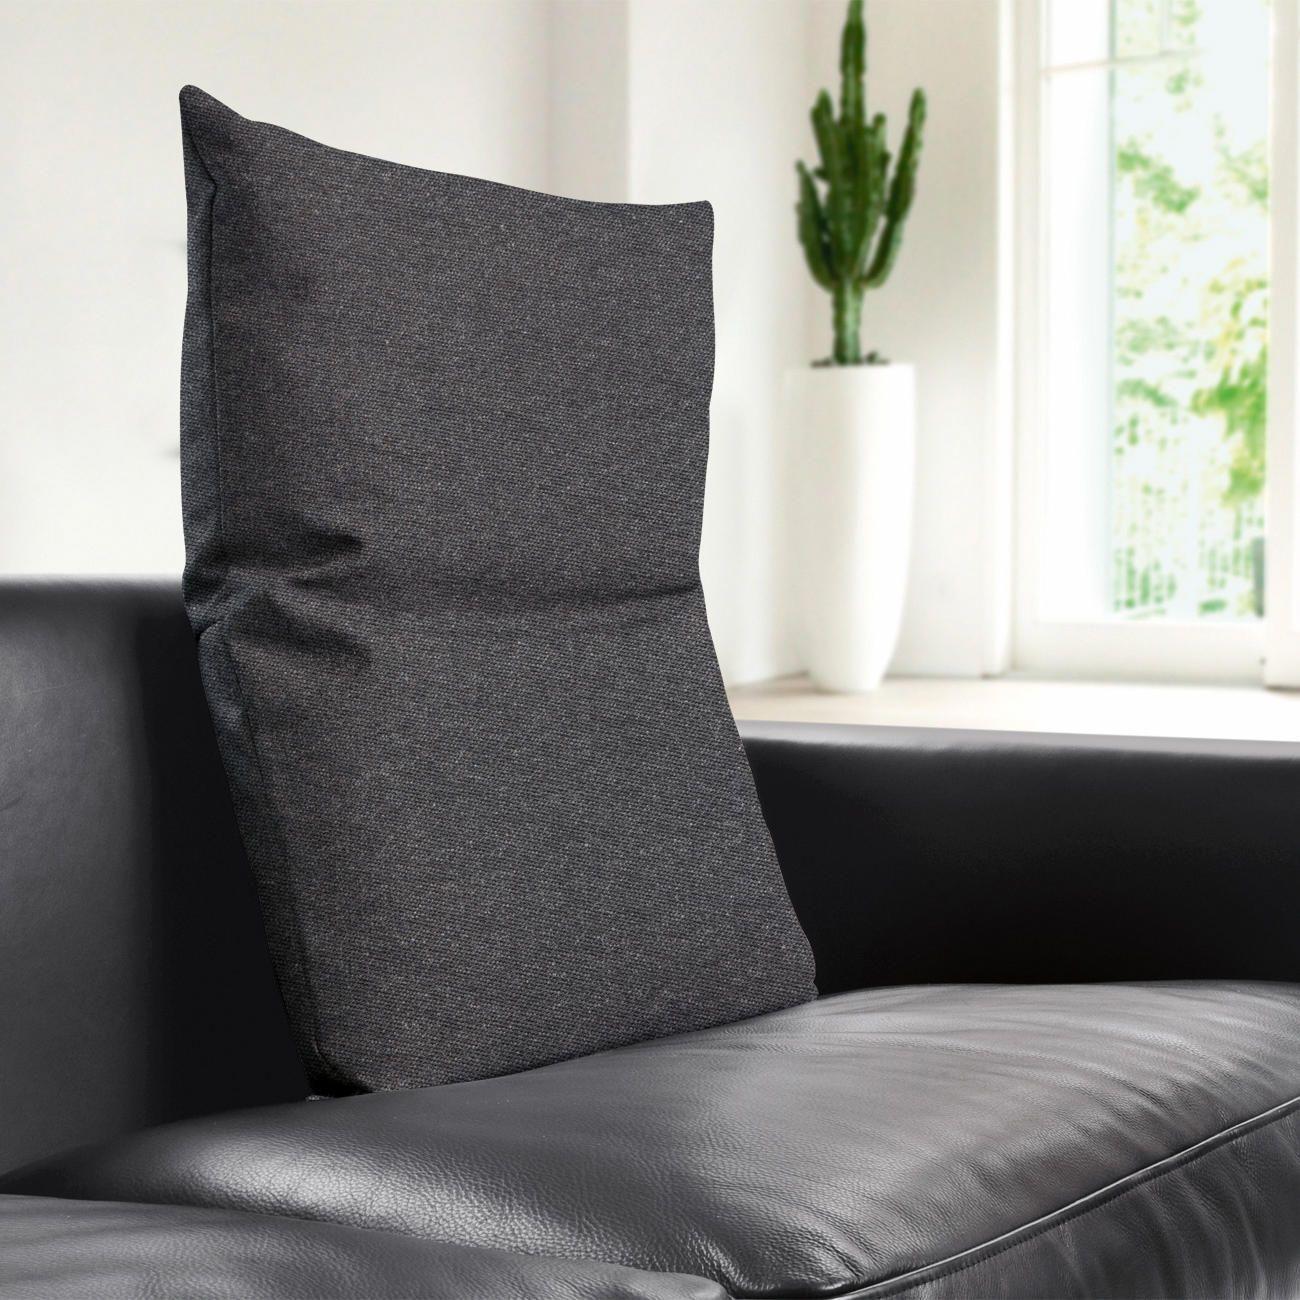 Bullfrog Ruec Sessel Kopfstutze Aufsteckbar Einfach Sessel Modern